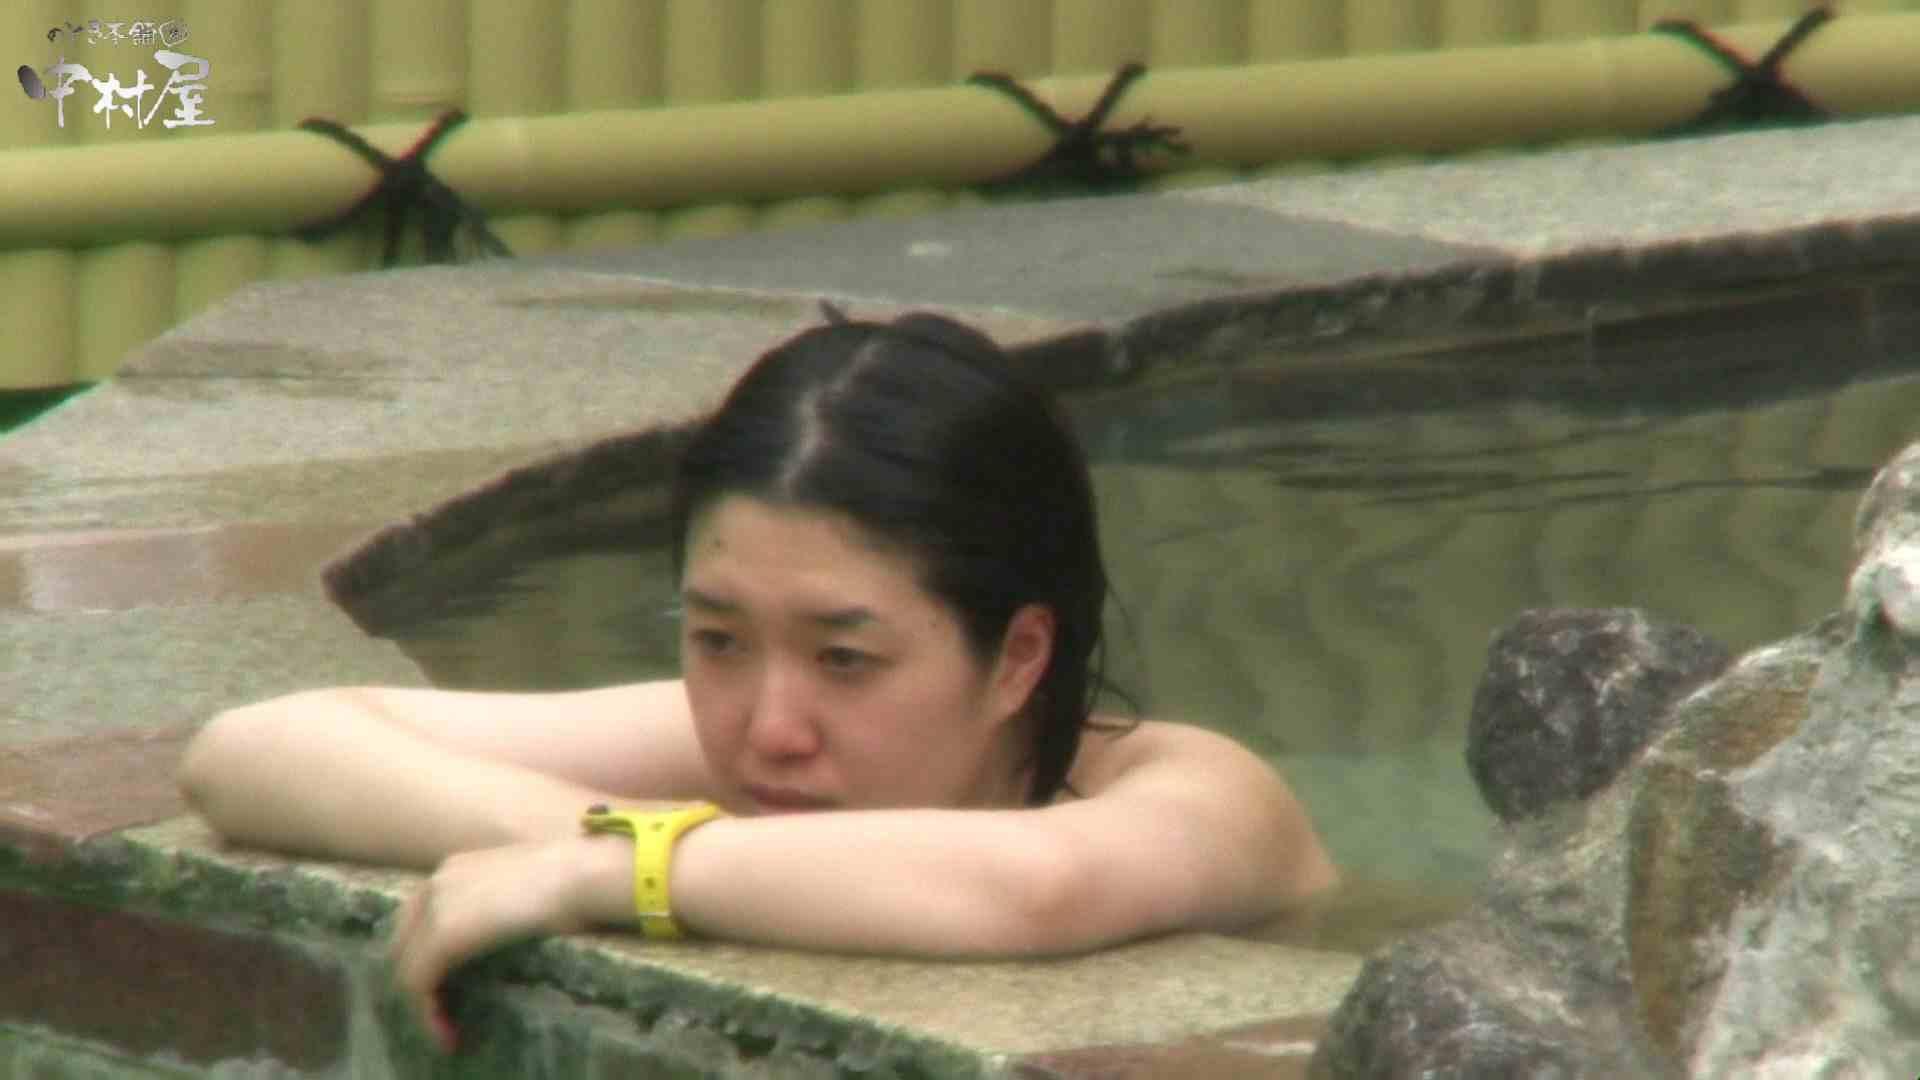 Aquaな露天風呂Vol.946 盗撮動画 | 露天風呂  9枚 3